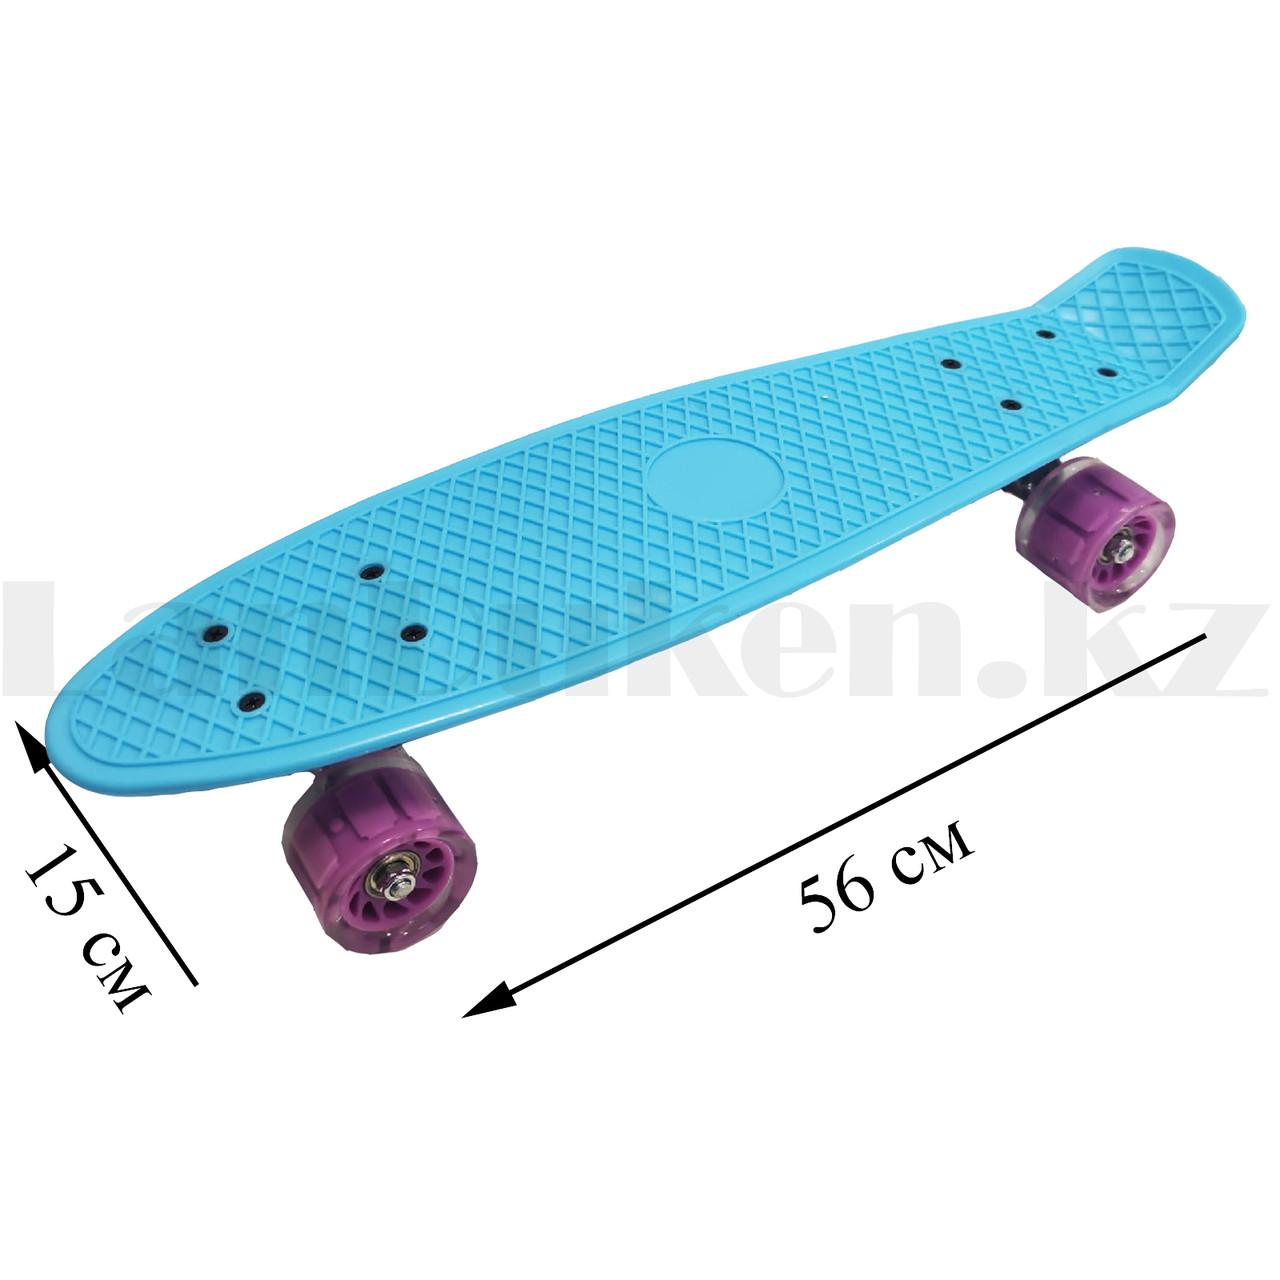 Пенни борд подростковый 56*15 Penny Board с гелевыми светящимися фиолетовыми колесами голубой - фото 2